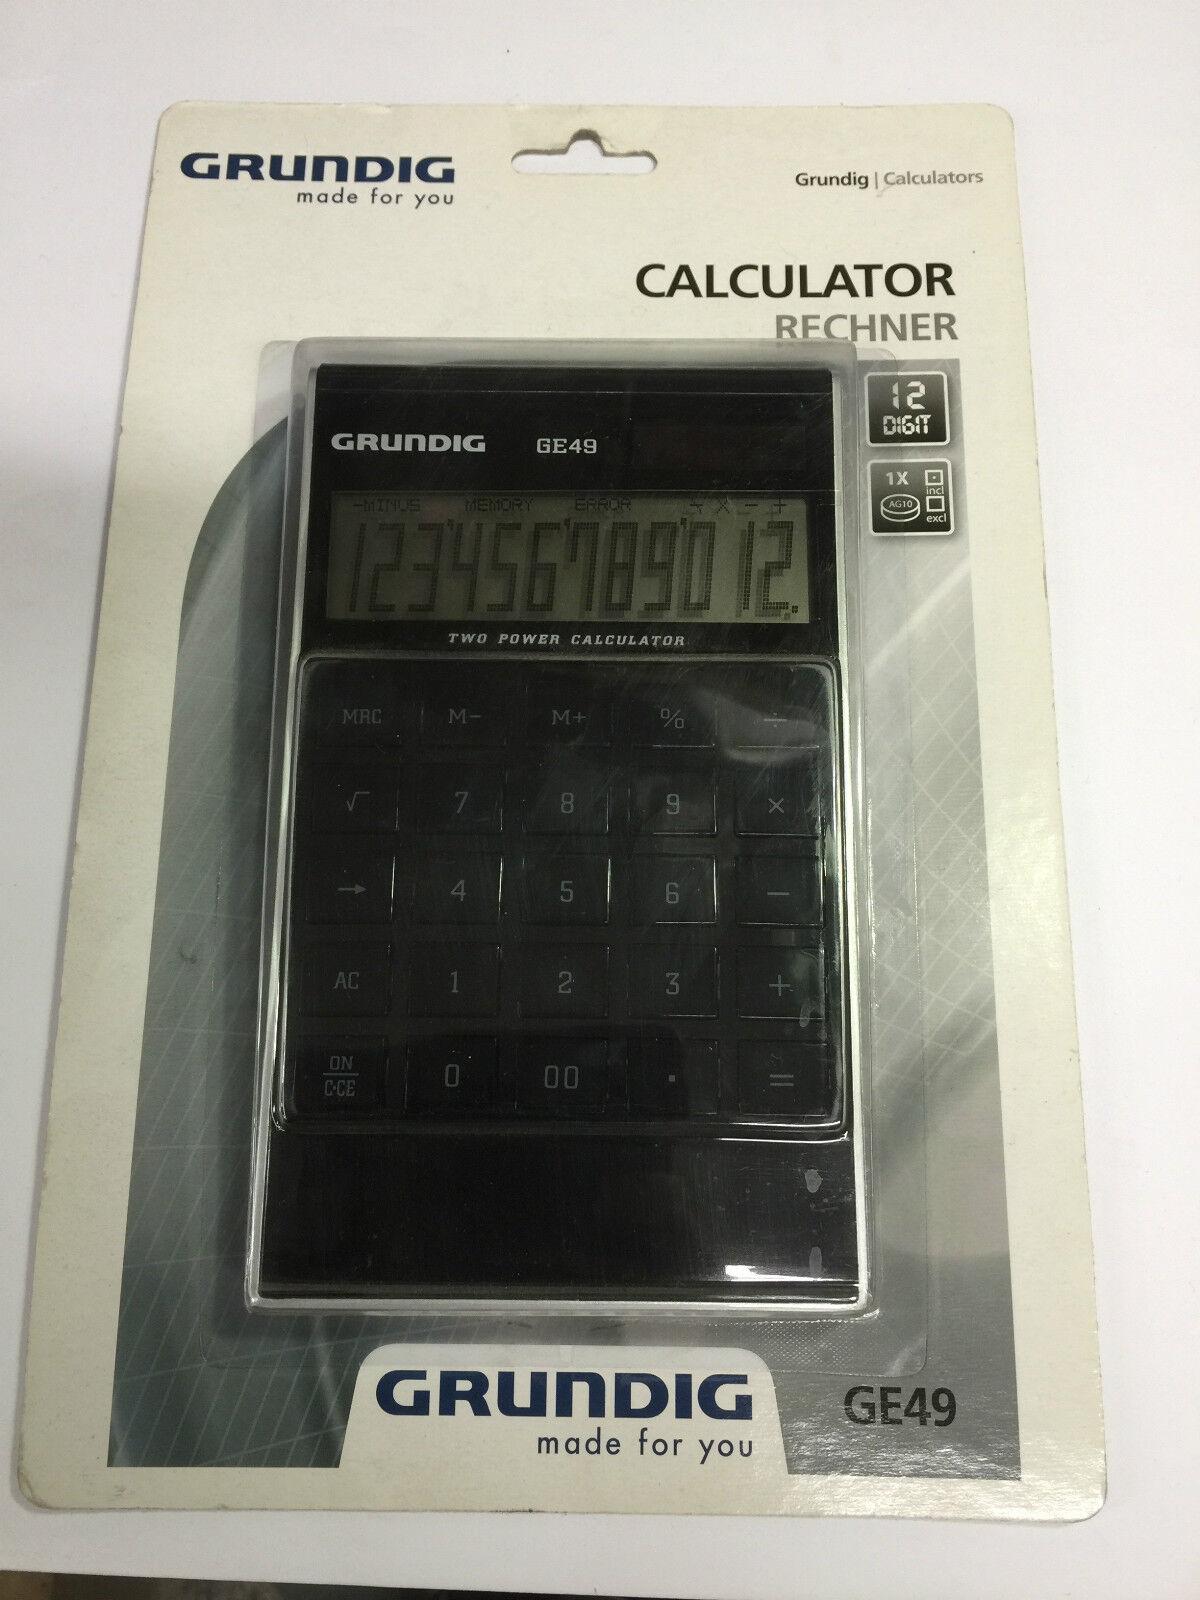 Grundig Dual Power Solar Battery 12 Digit Desktop Calculator Large Buttons New